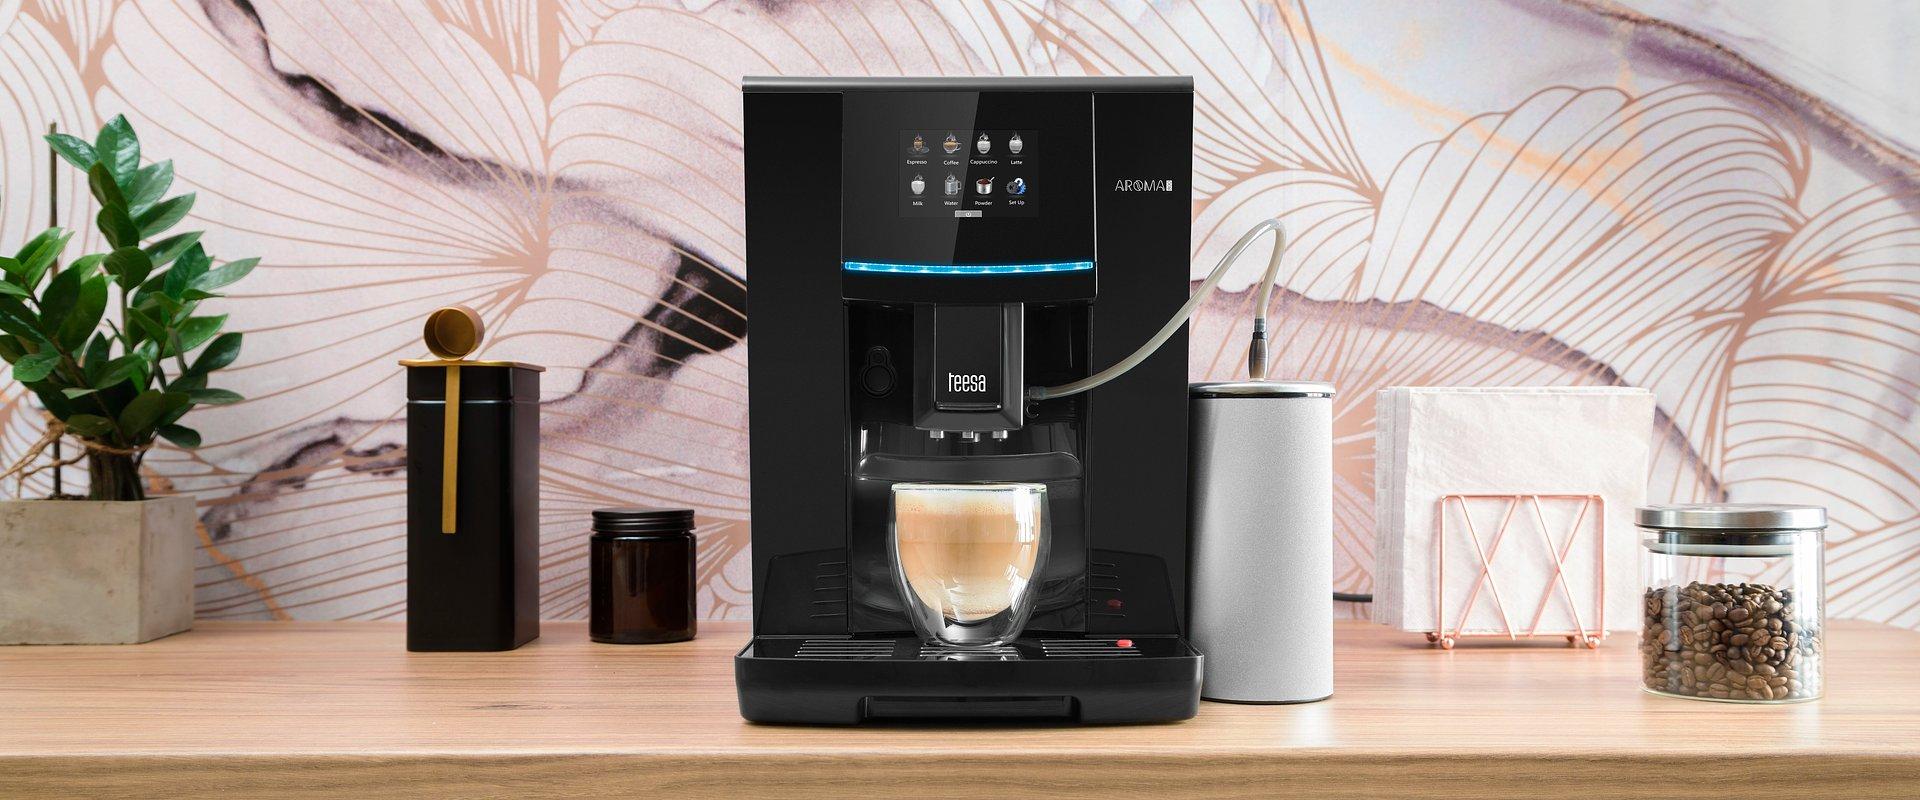 Teesa wprowadziła do oferty nowoczesny ekspres automatyczny Aroma 800